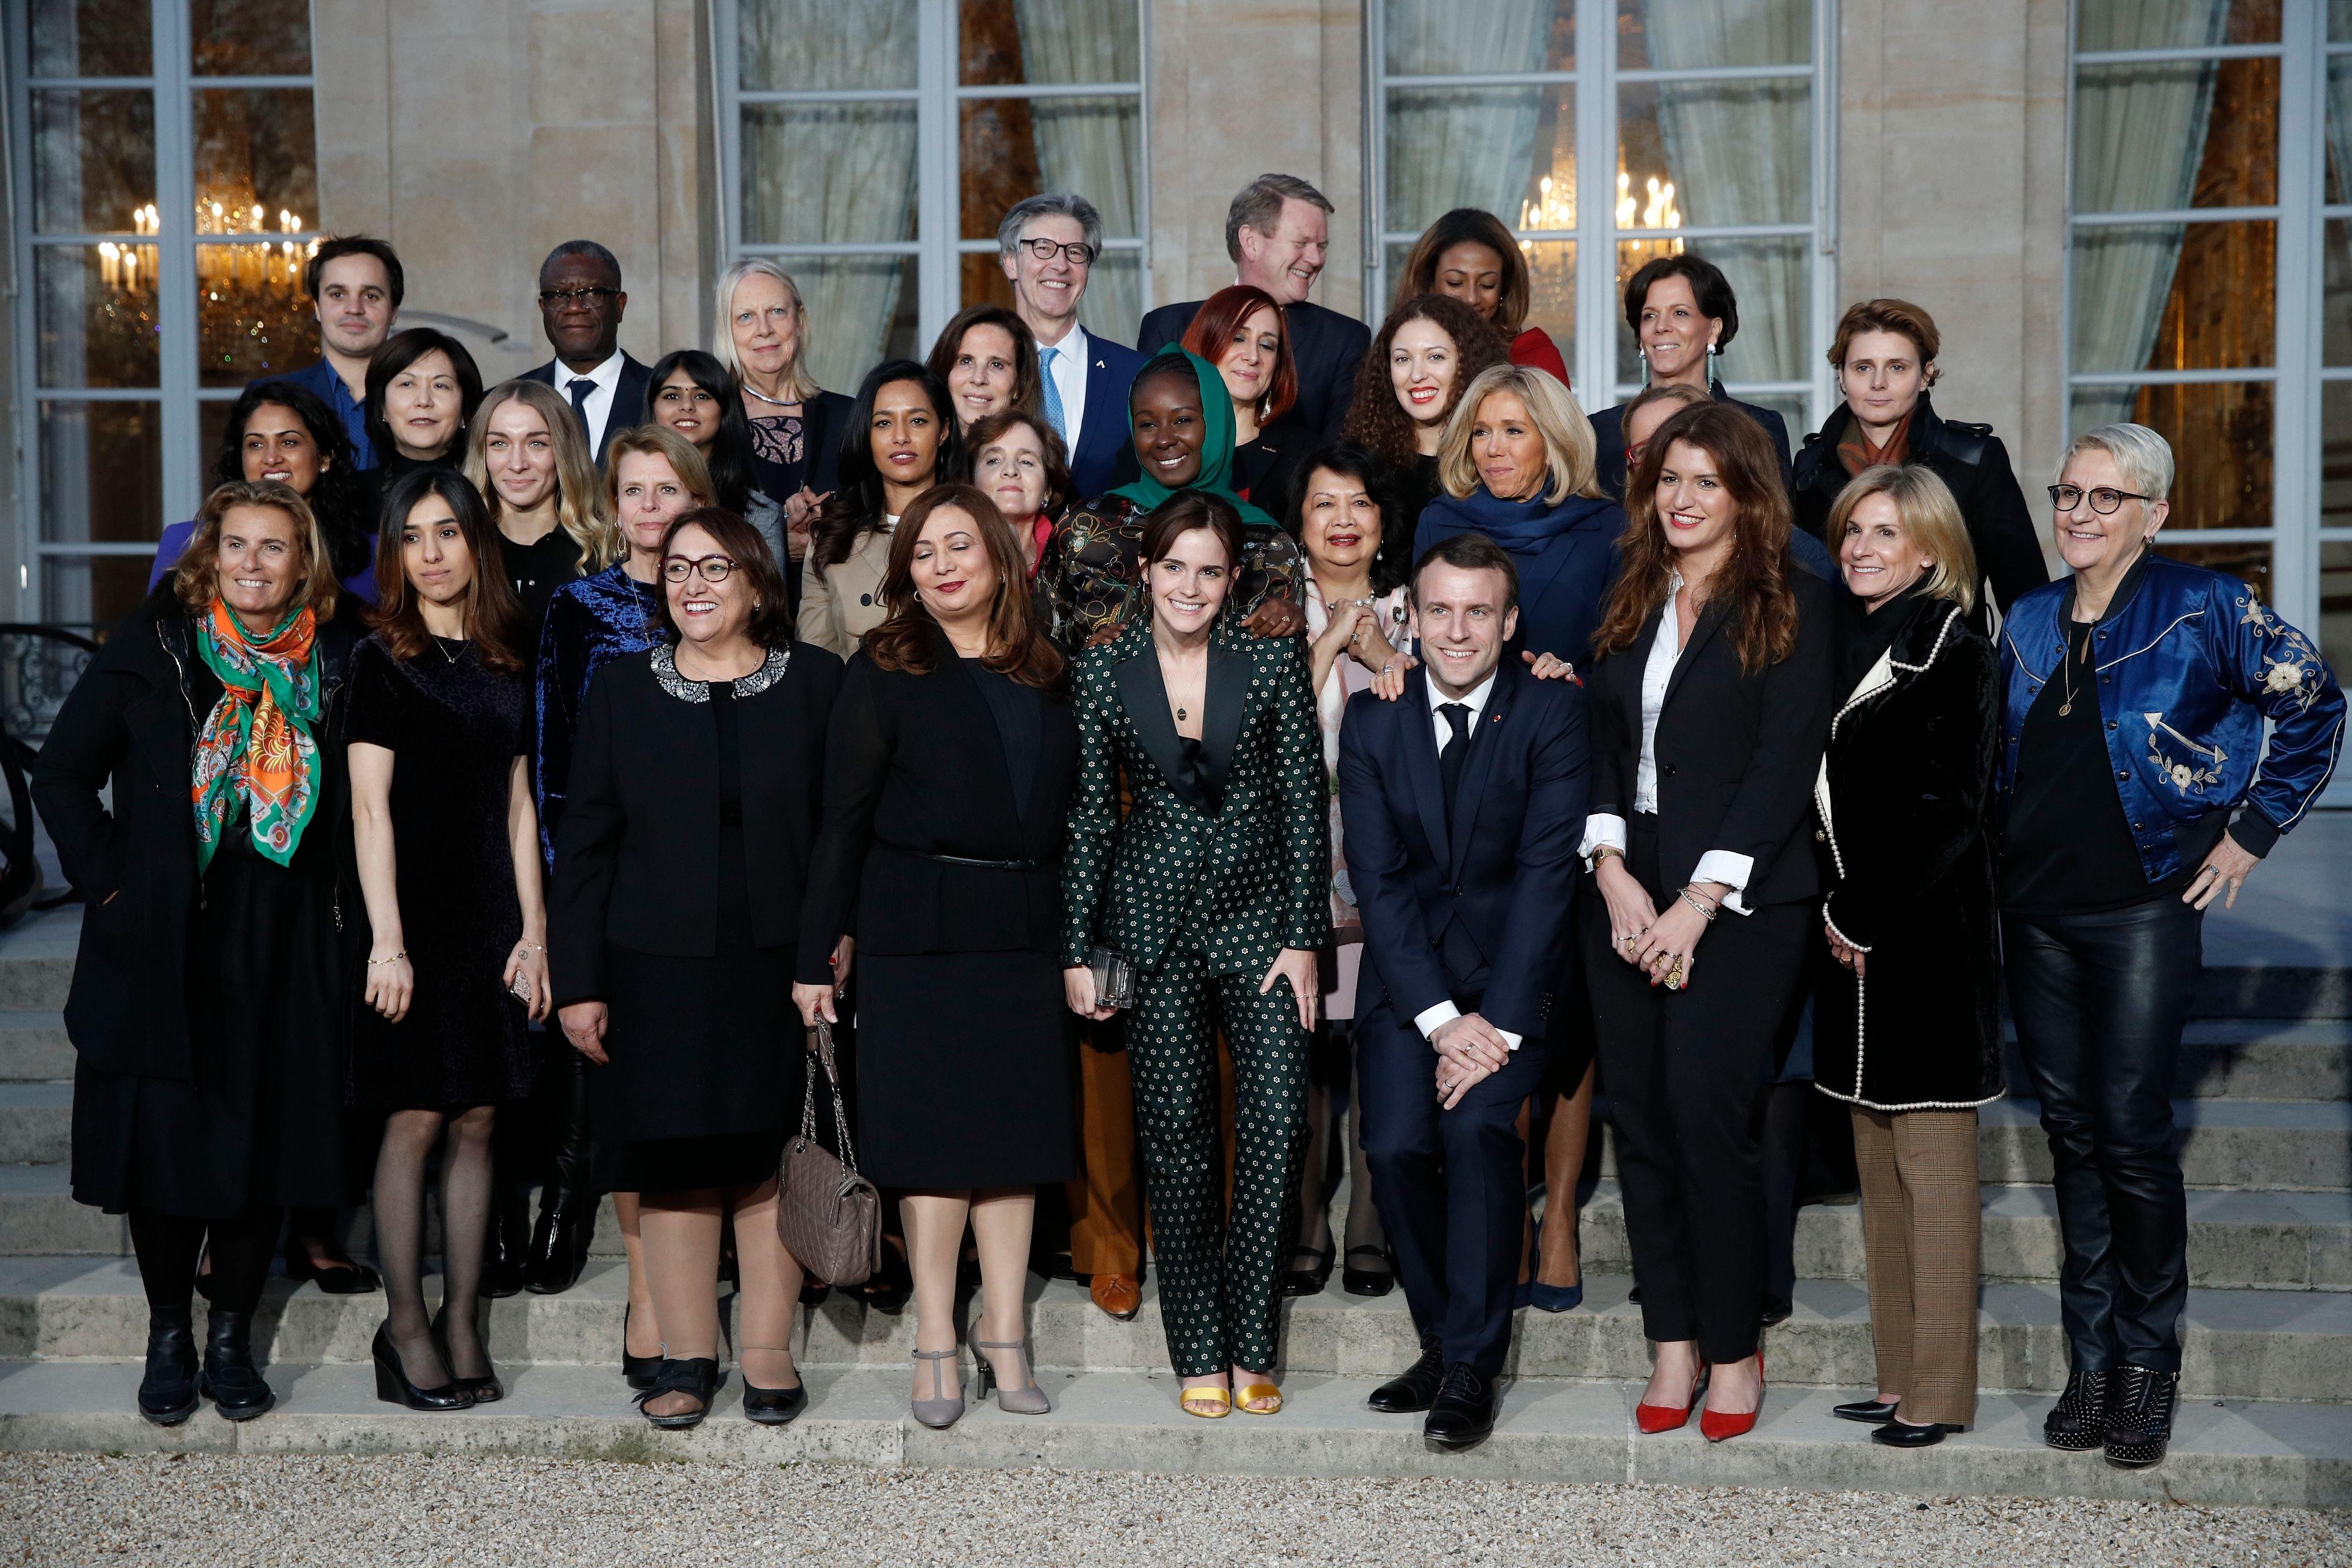 Wided Bouchamaoui et Bochra Bel Haj Hmida, membres du conseil consultatif pour l'égalité Femmes-Hommes du G7